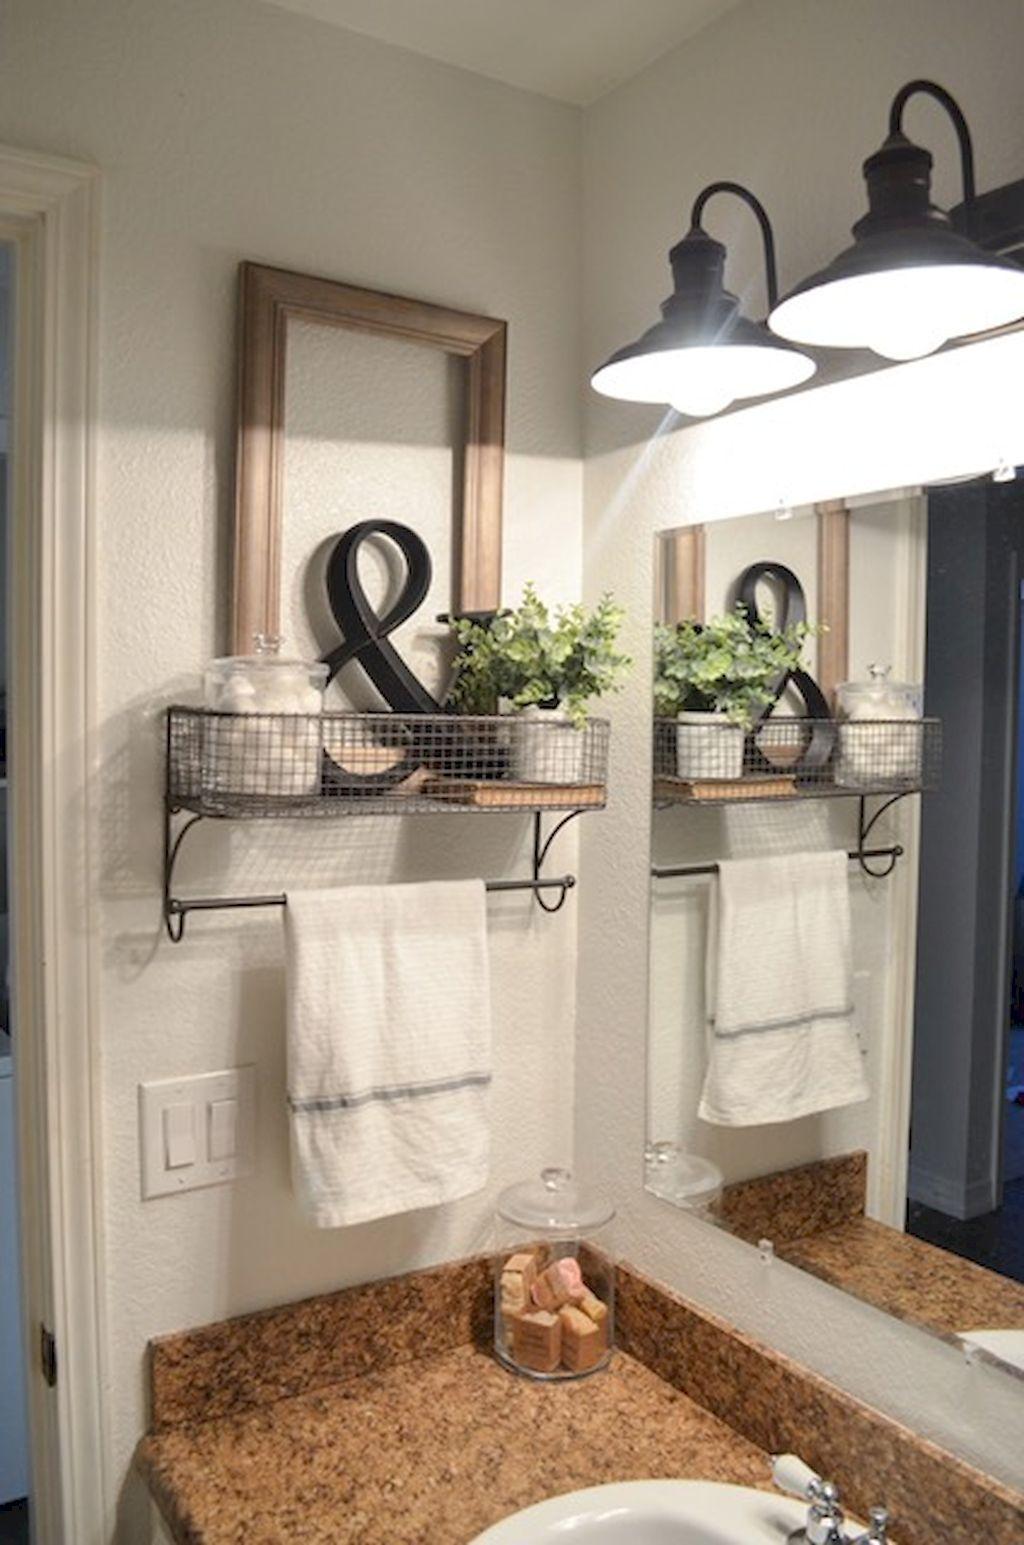 Best inspire farmhouse bathroom design and decor ideas (66 ...